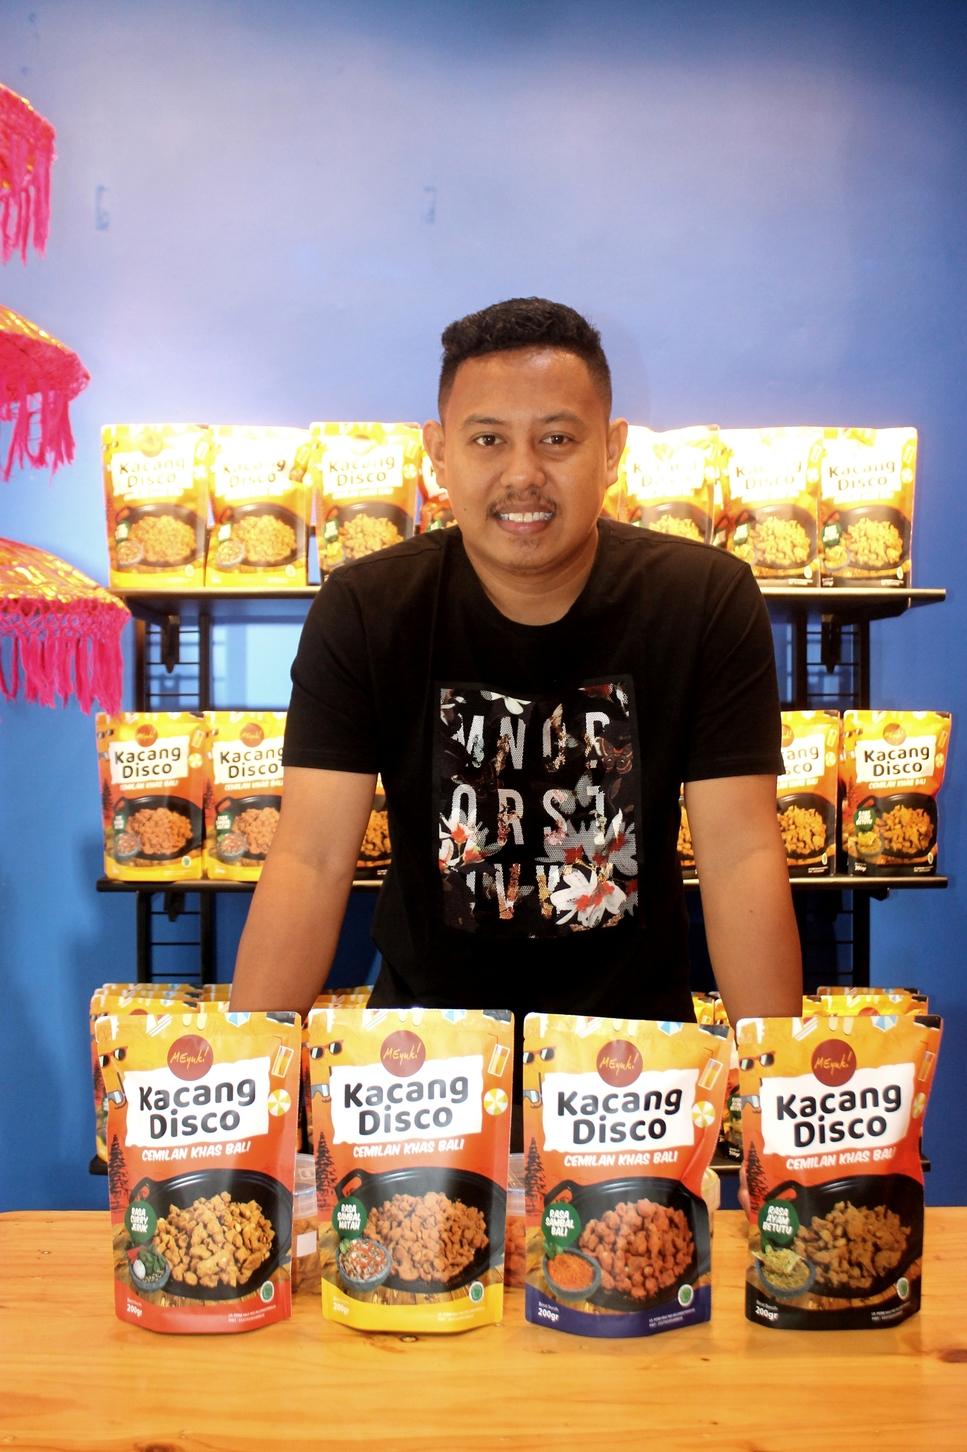 Usaha Snacknya Viral, Namun Berhenti Saat Ibunda Hilang Bencana Palu. Pemuda ini Sukses Bangkit Lagi bangun Bisnis Snack di Bali!